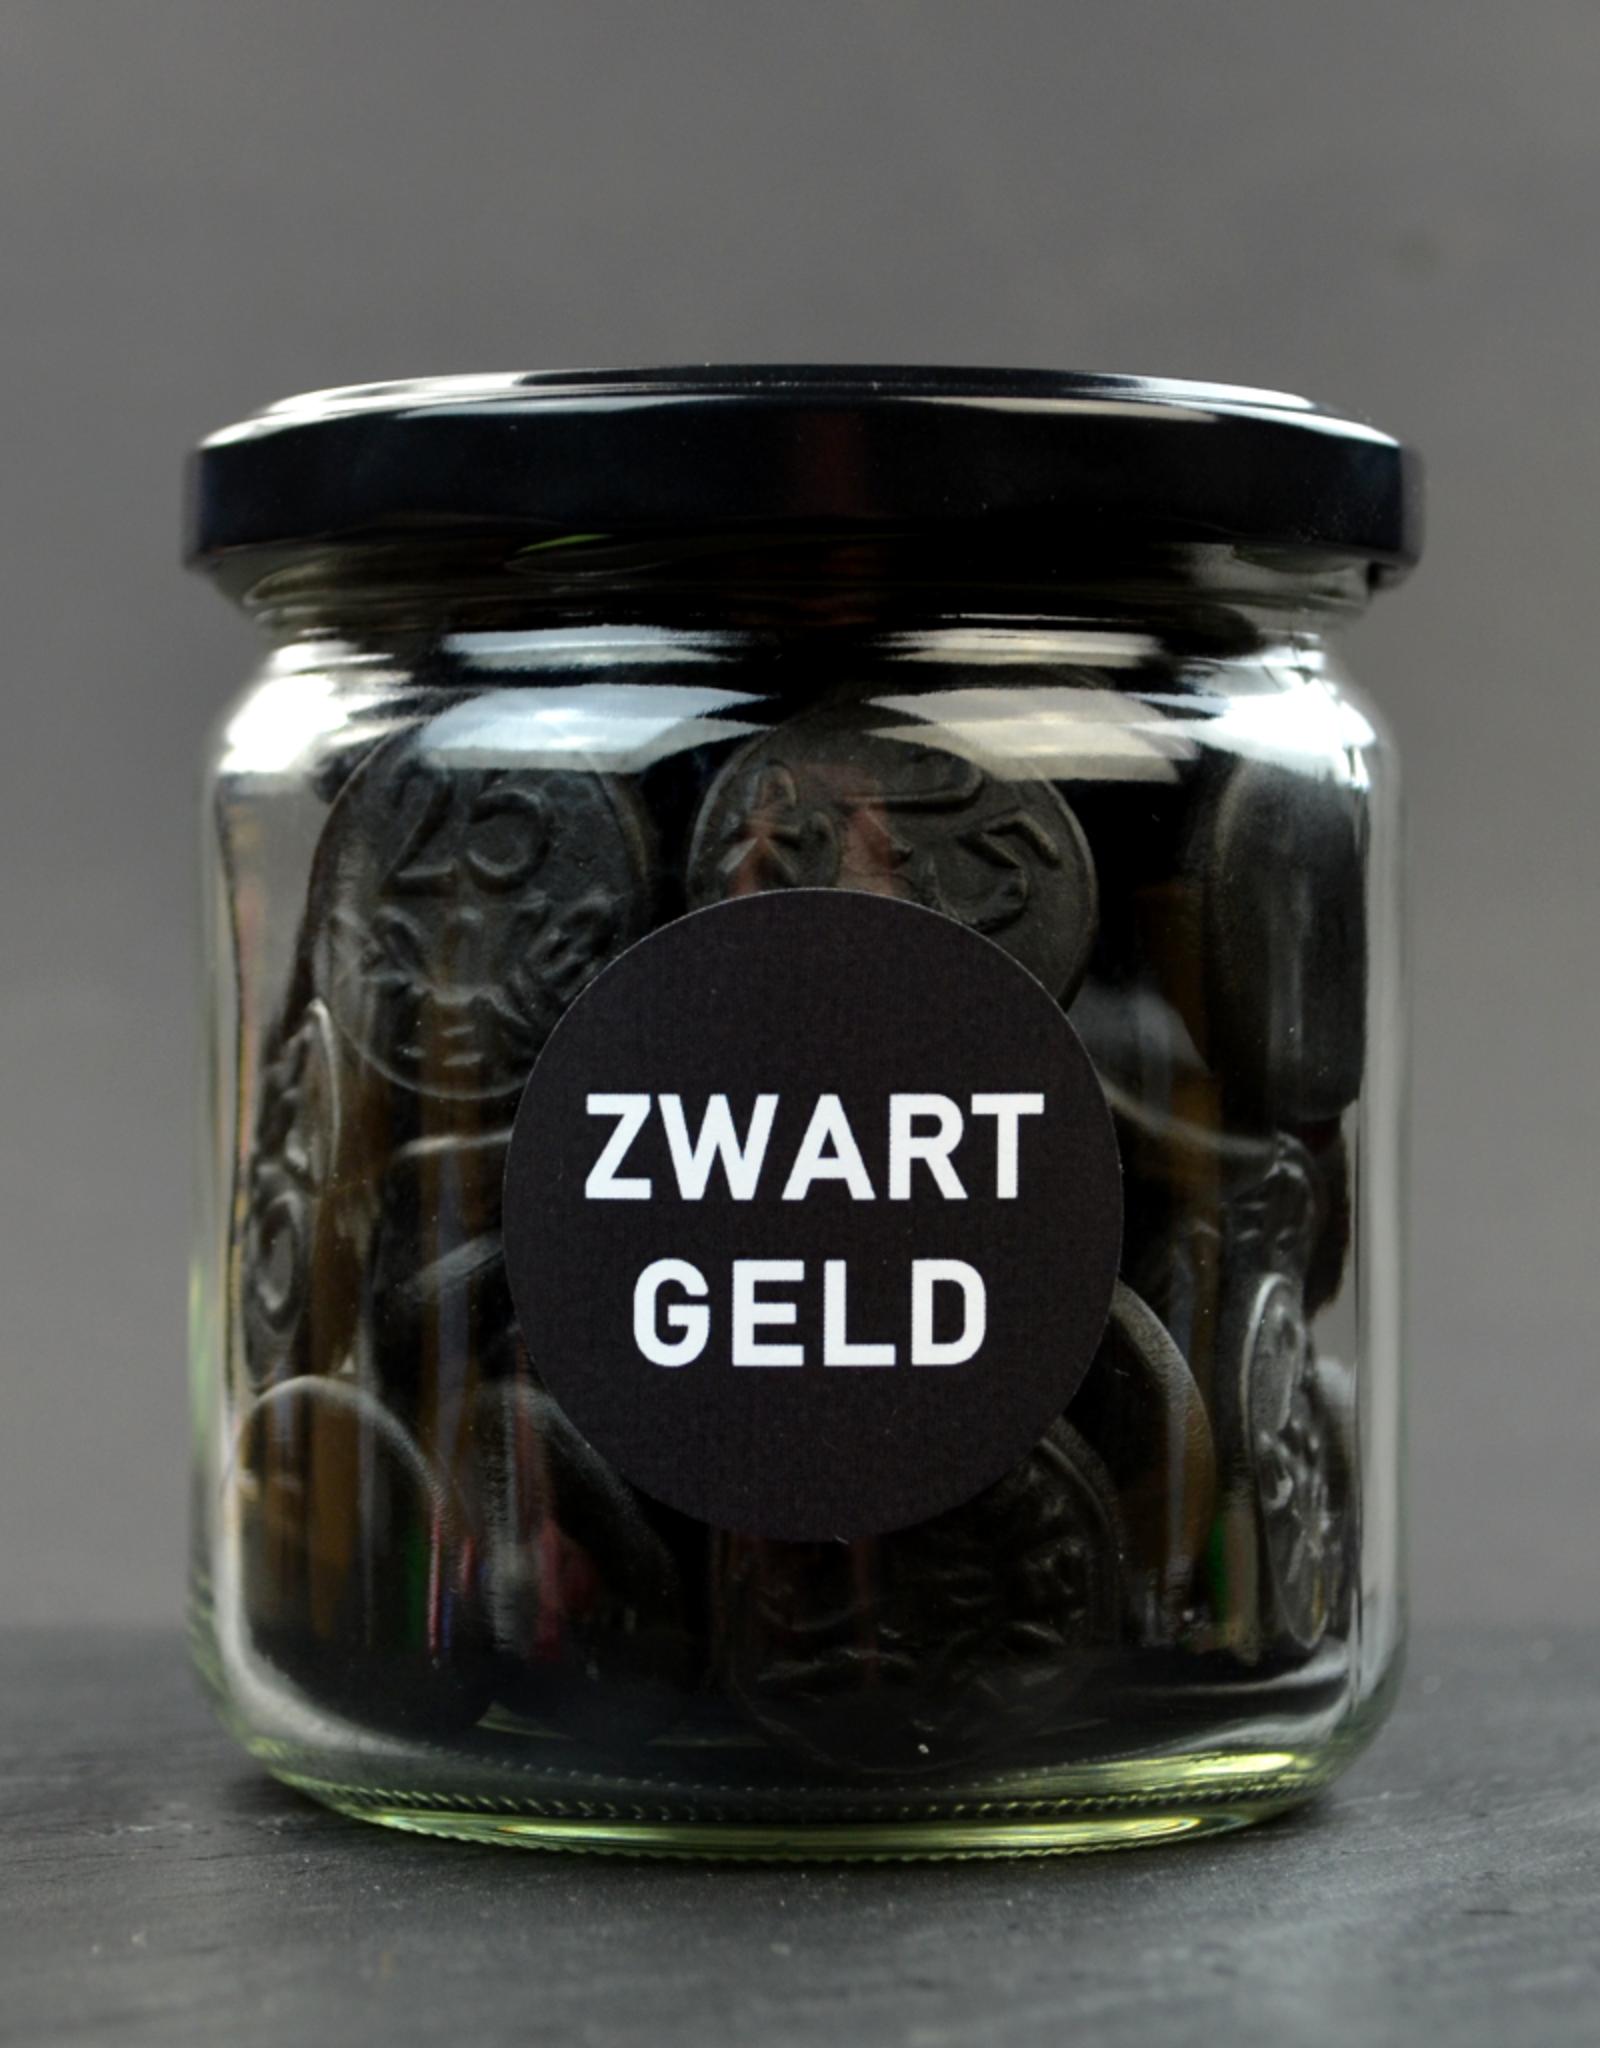 Zwart Geld - muntdrop in mooie glazen pot - Snoepkado met drop